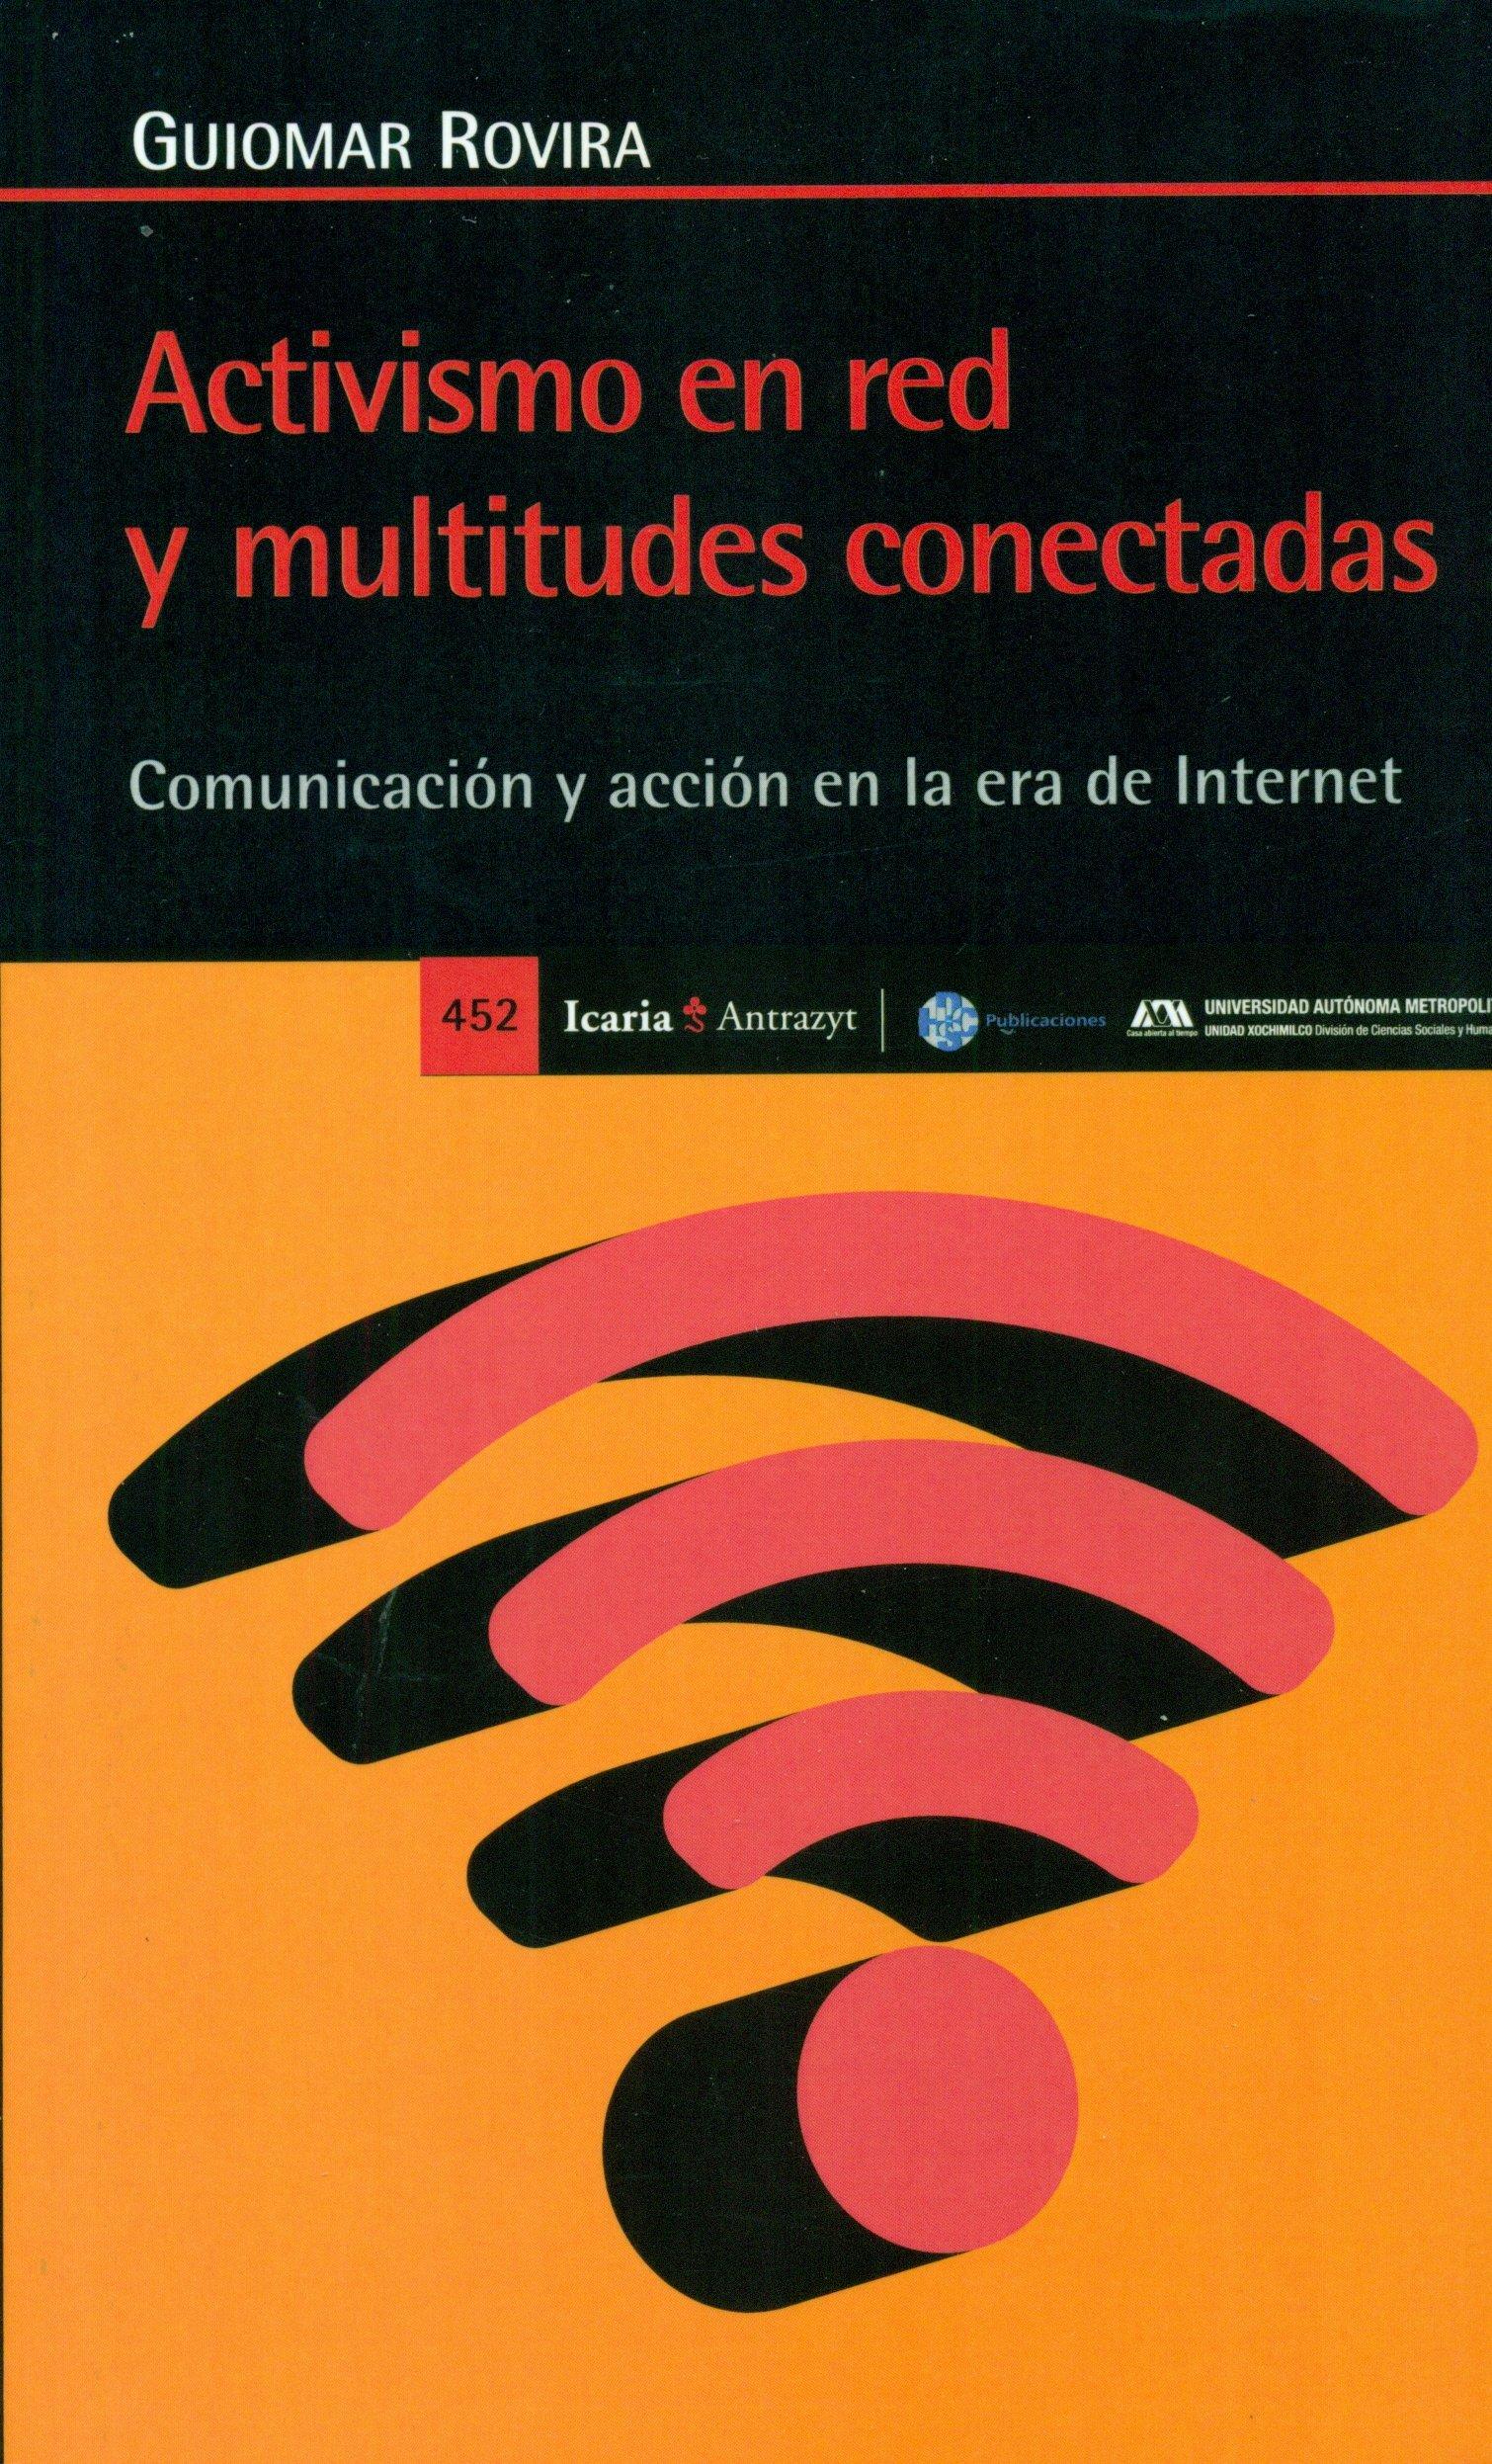 Activismo en red y multitudes conectadas: Comunicación y acción en la era de Internet (Antrazyt) Tapa blanda – 9 feb 2017 Guioma Rovira Icaria editorial 8498887607 UT